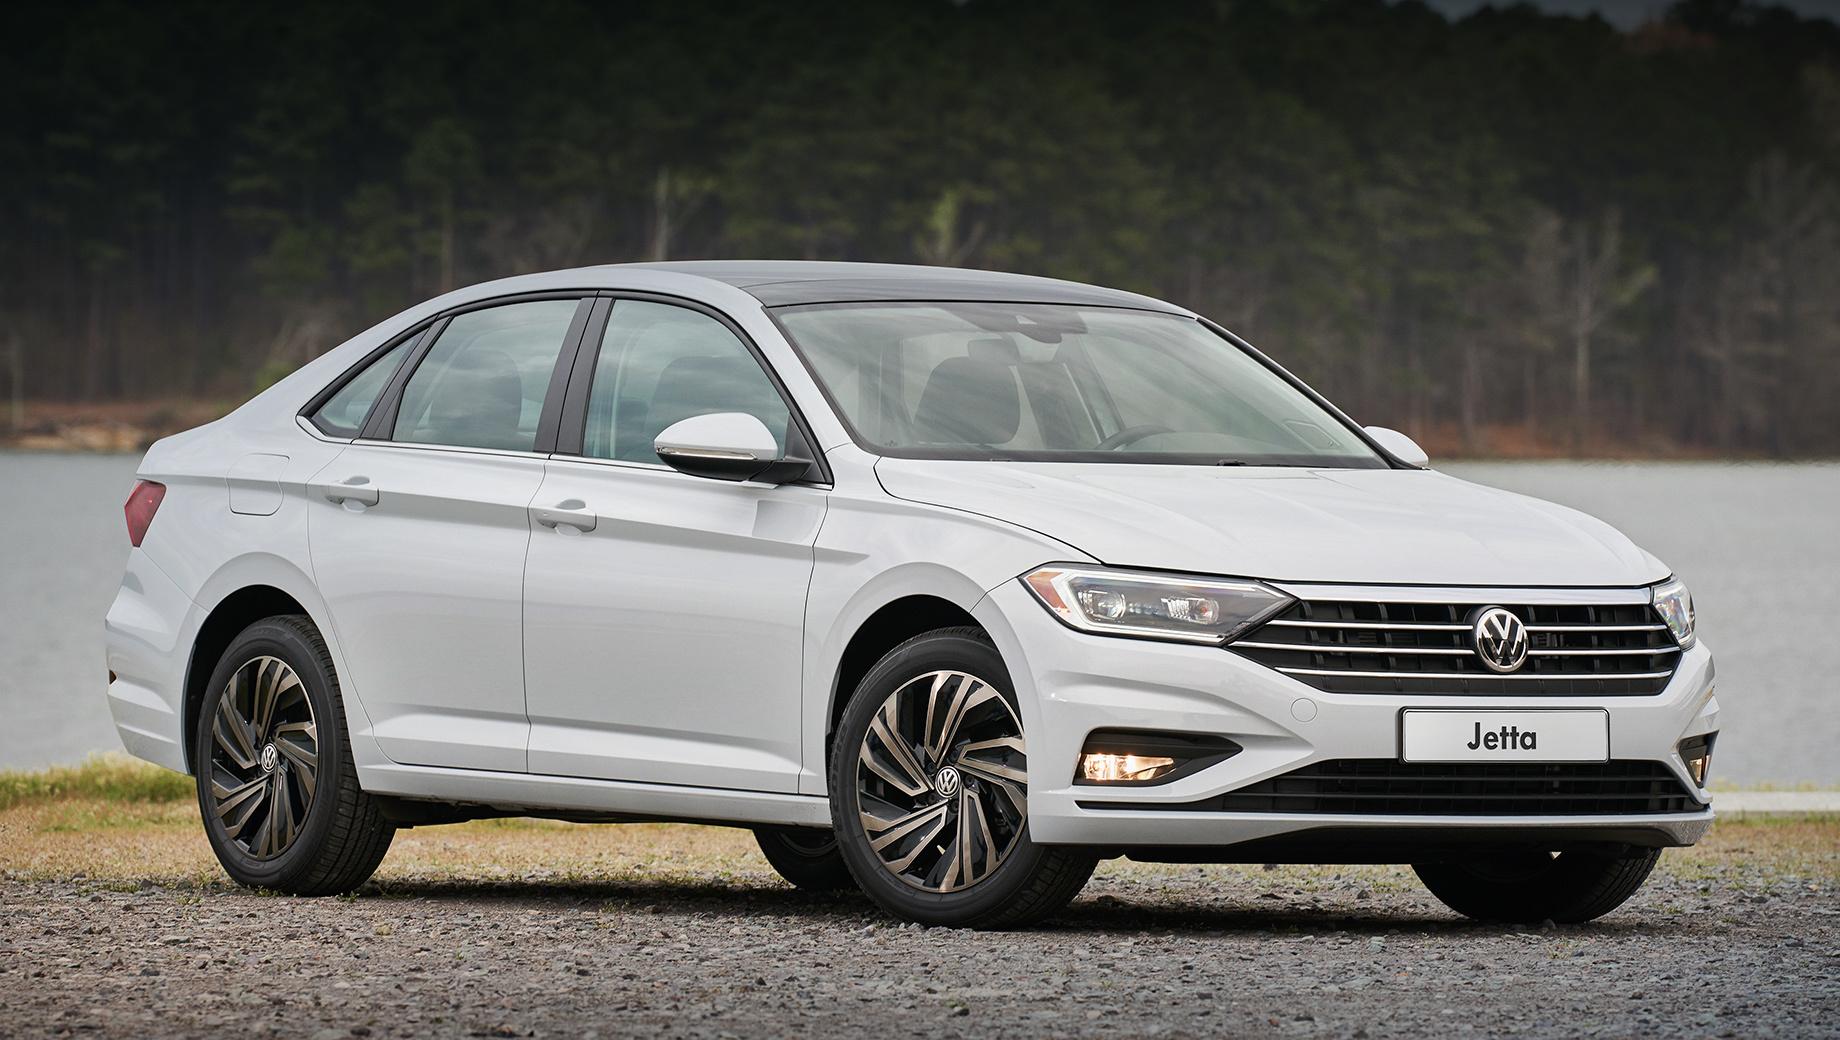 Volkswagen jetta. Светодиодные фары и фонари войдут в стандартное оснащение, как и легкосплавные диски на 16 и 17 дюймов. Предусмотрены три комплектации: Origin, Respect, Status. Напомним, после переезда на платформу MQB седан удлинился на 43 мм (4702), колёсная база выросла на 35 мм (2686).